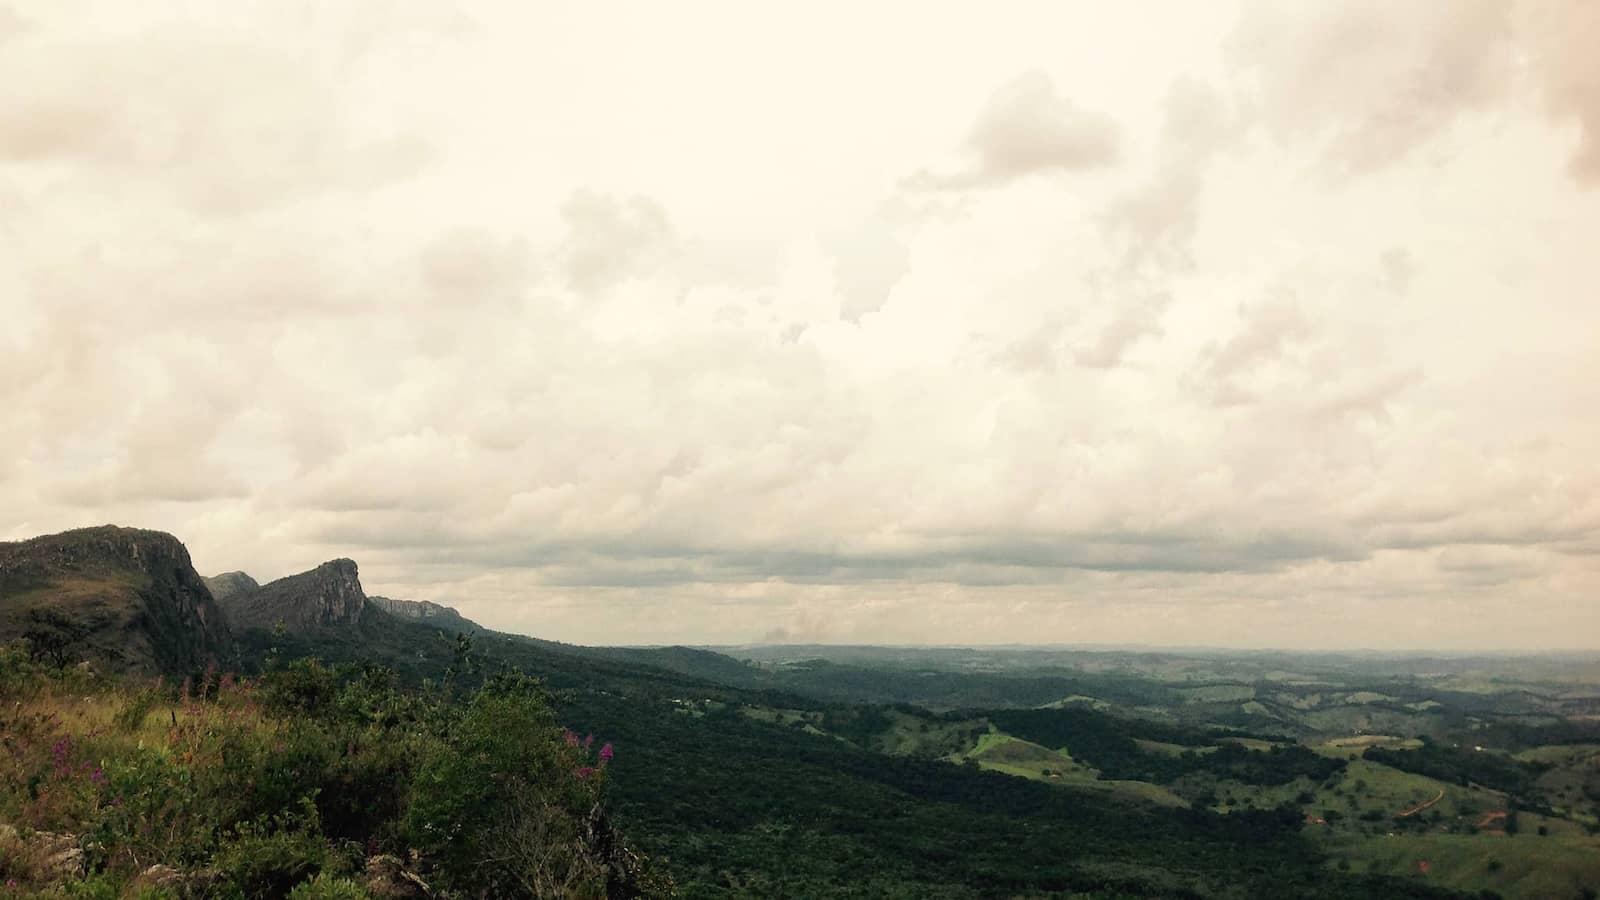 Vista da Serra de São José, em Minas Gerais